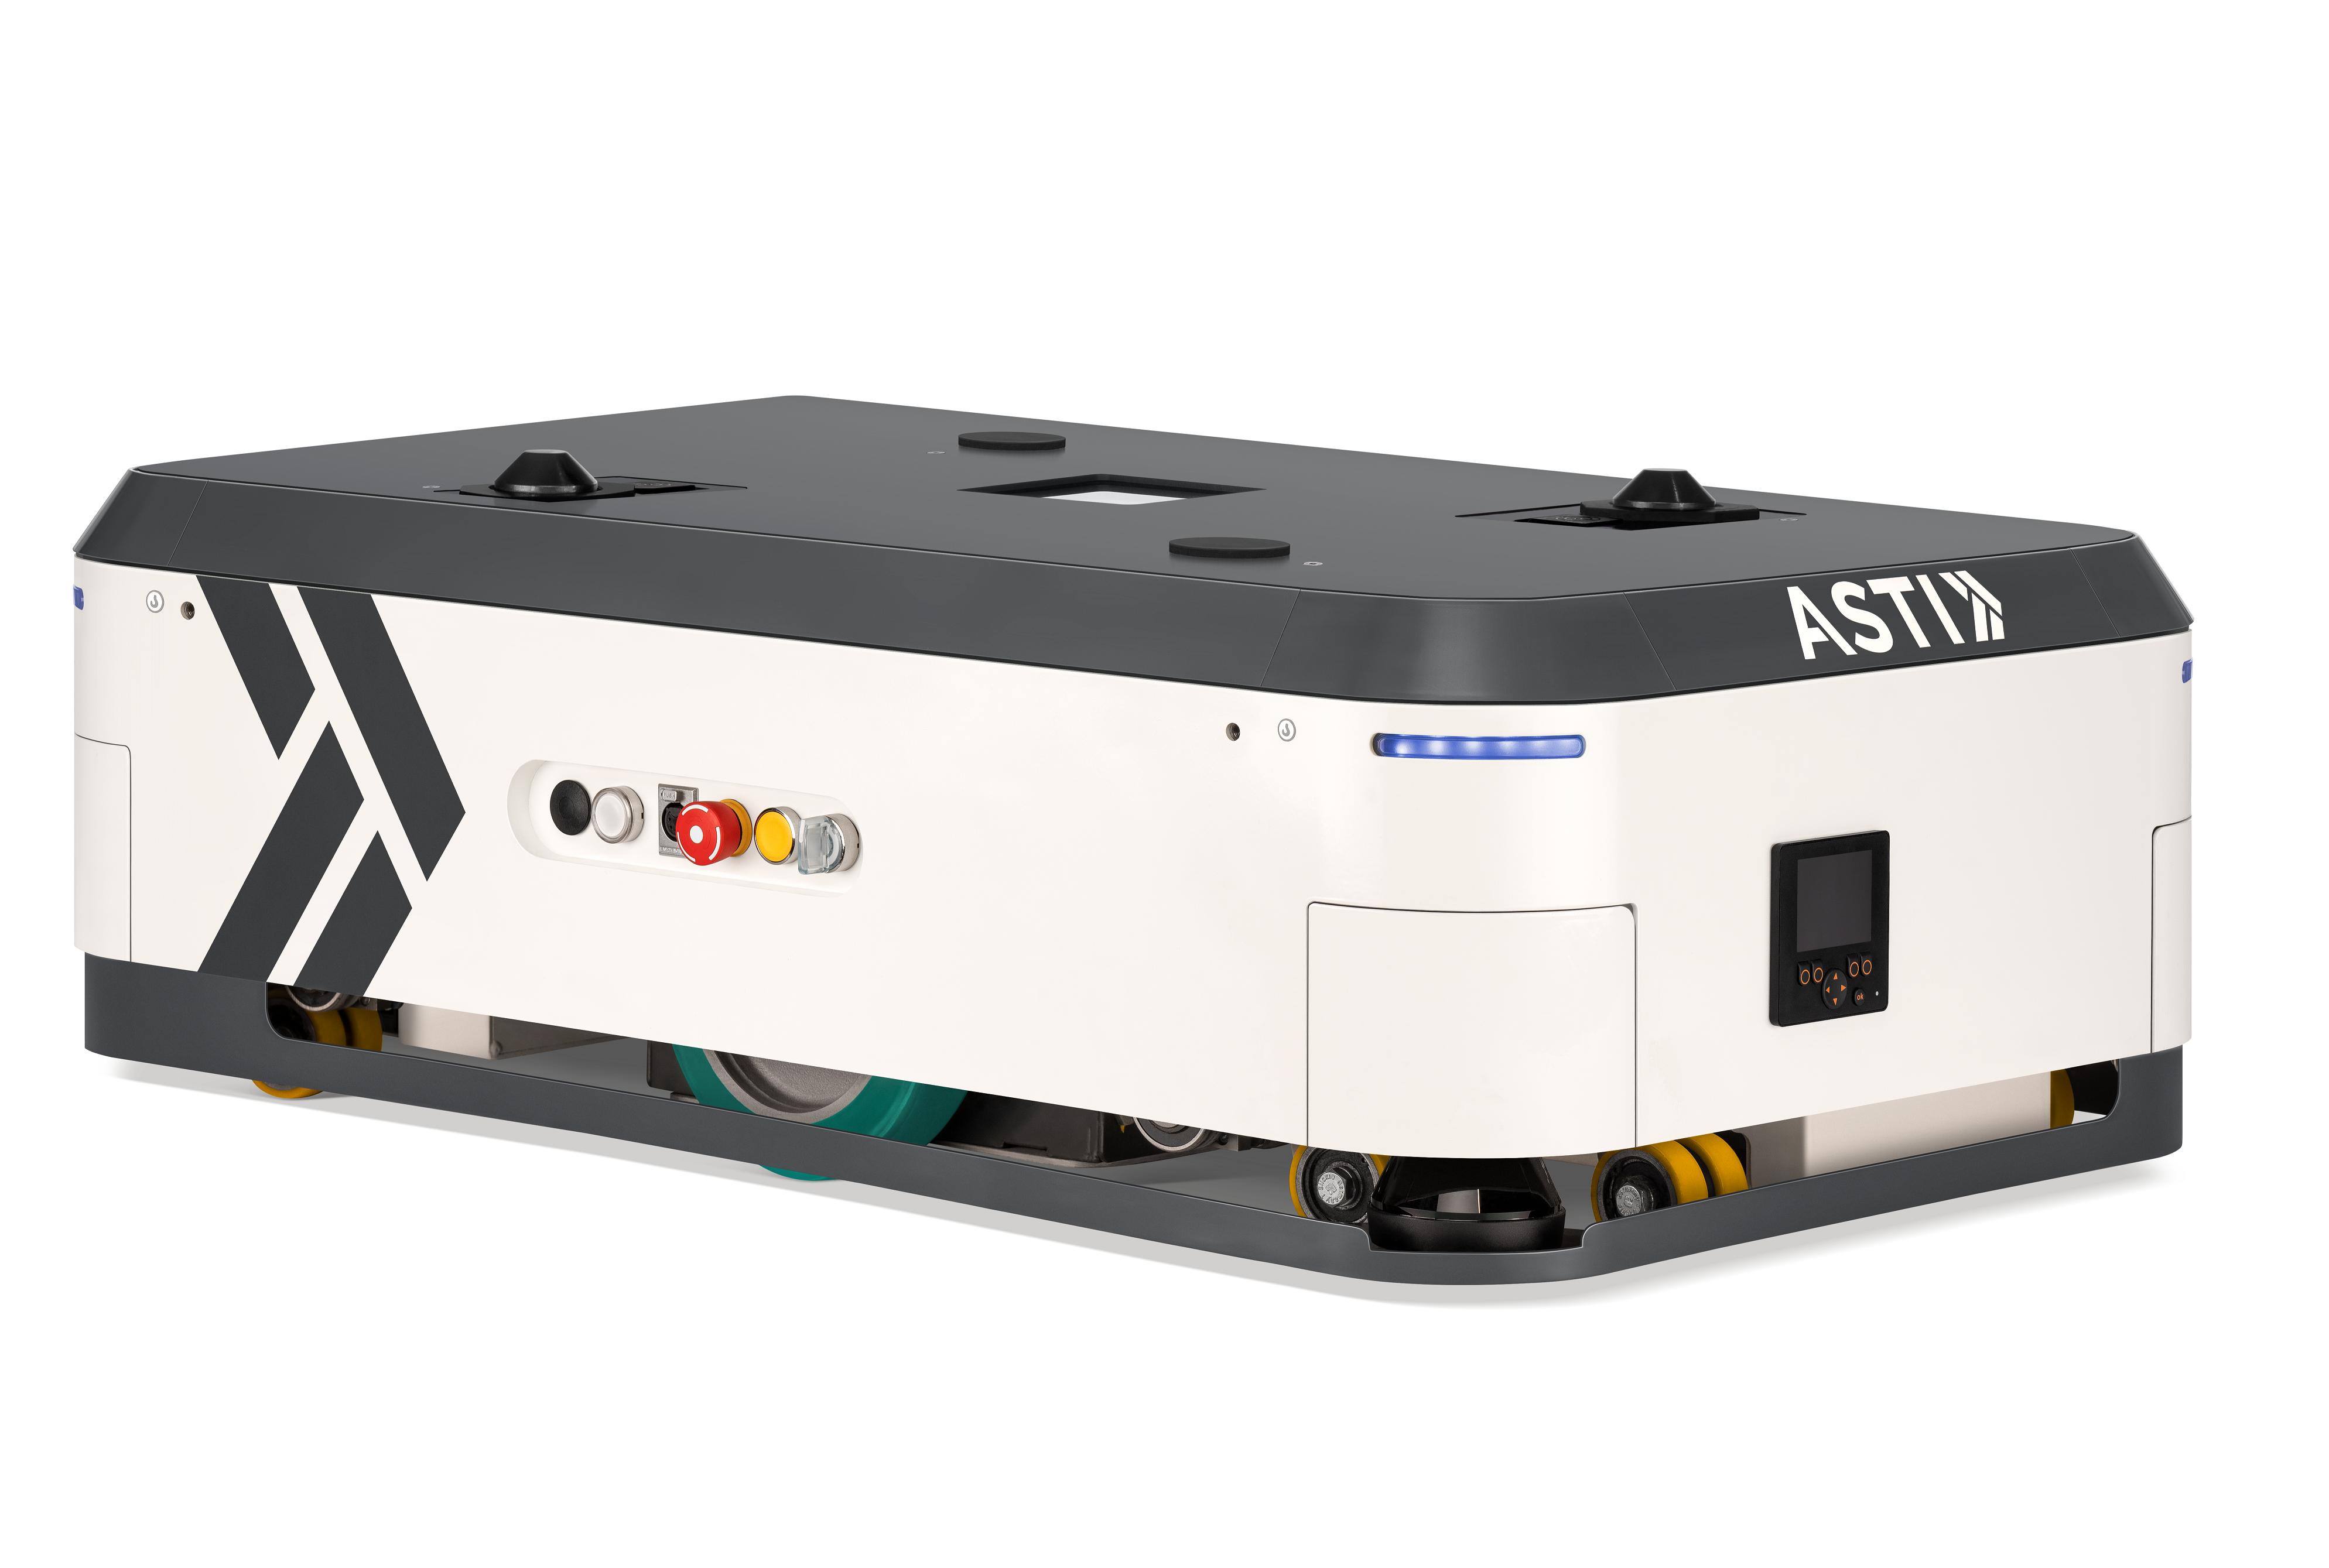 ASTI Mobile Robotics presenta sus últimas innovaciones en robótica móvil en Logistics (Madrid) y Europack Lyon y BE 4.0 Salon Industries du Futur Mulhouse (Francia)